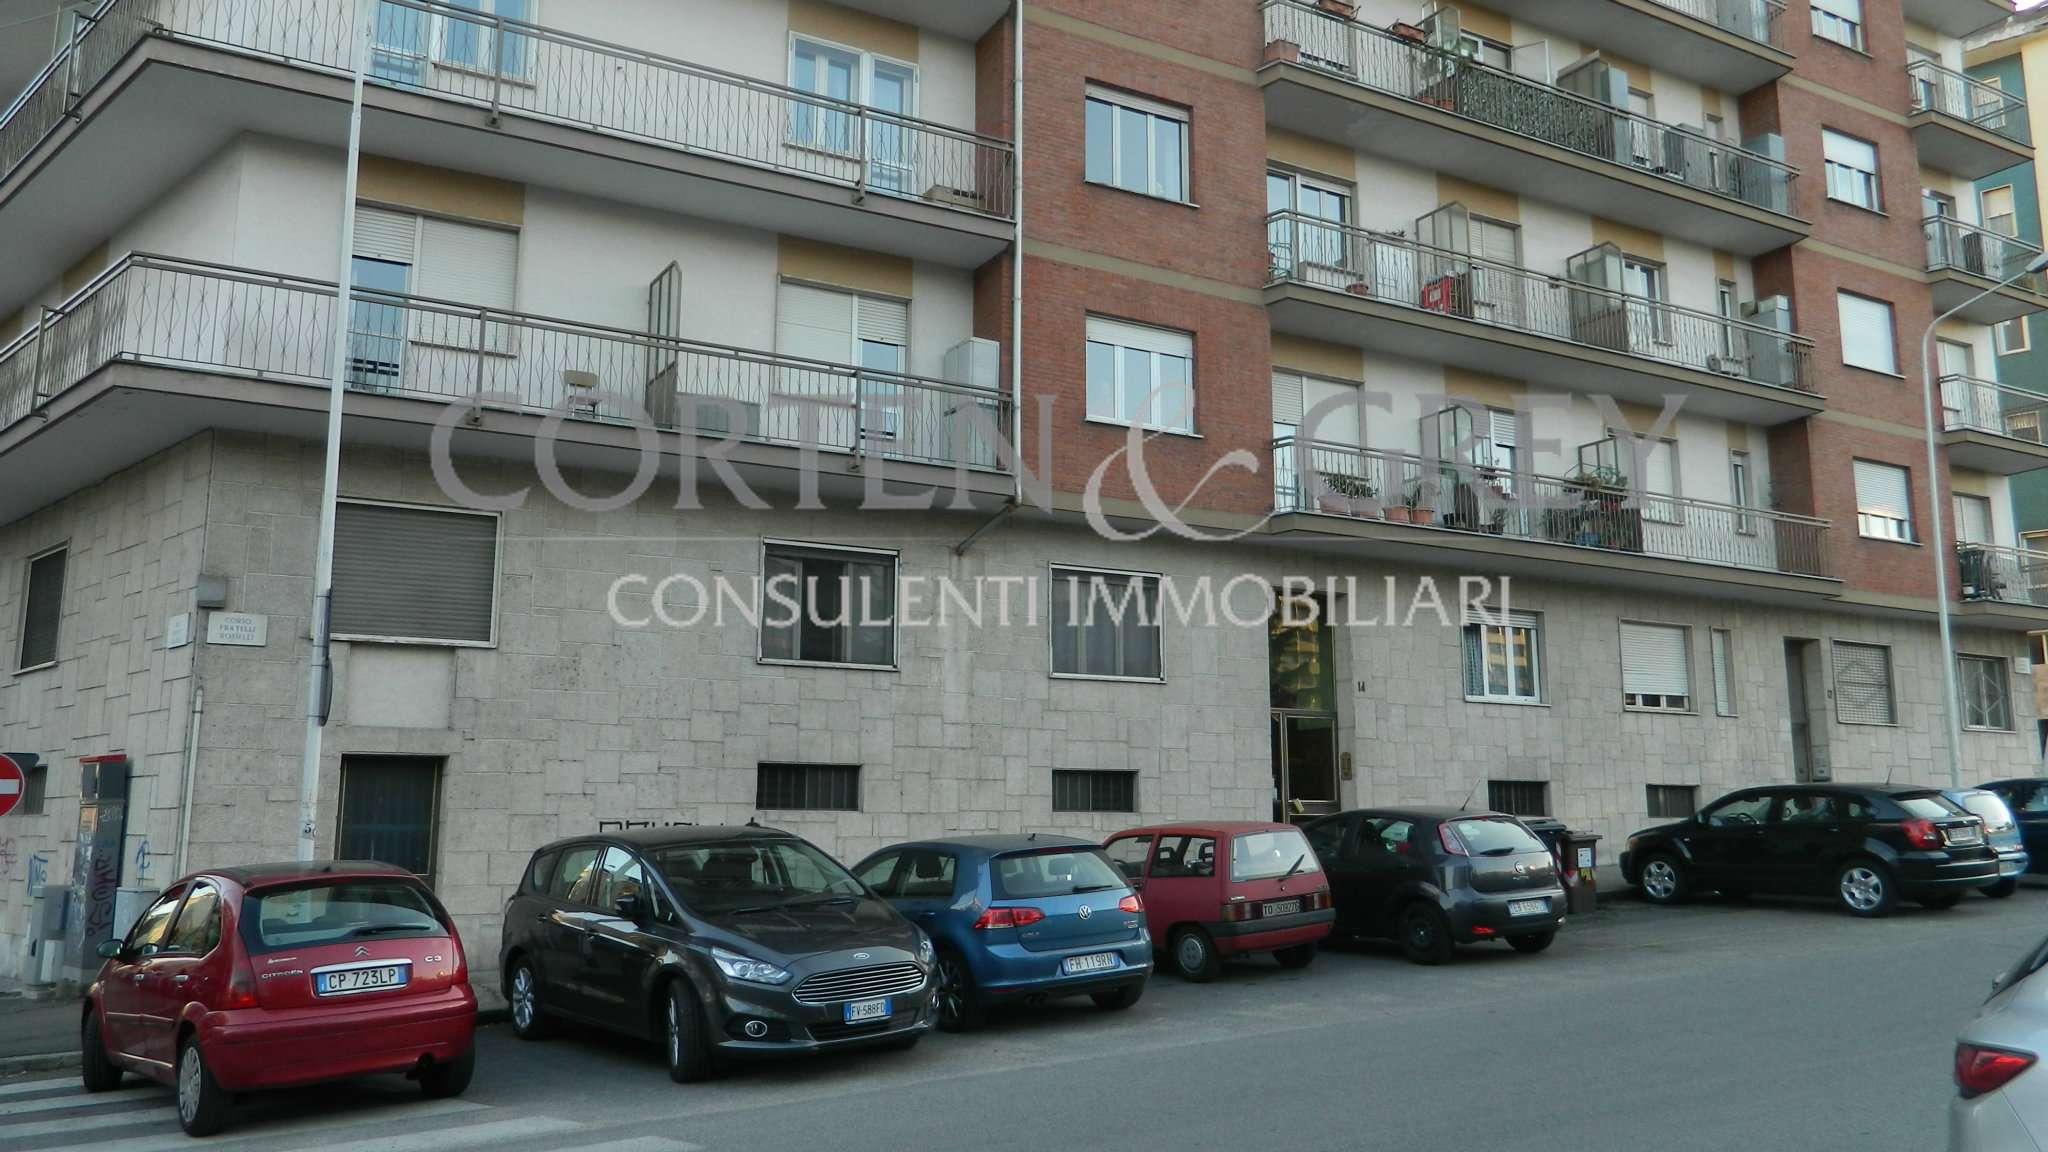 Negozio / Locale in vendita a Moncalieri, 3 locali, prezzo € 295.000 | PortaleAgenzieImmobiliari.it